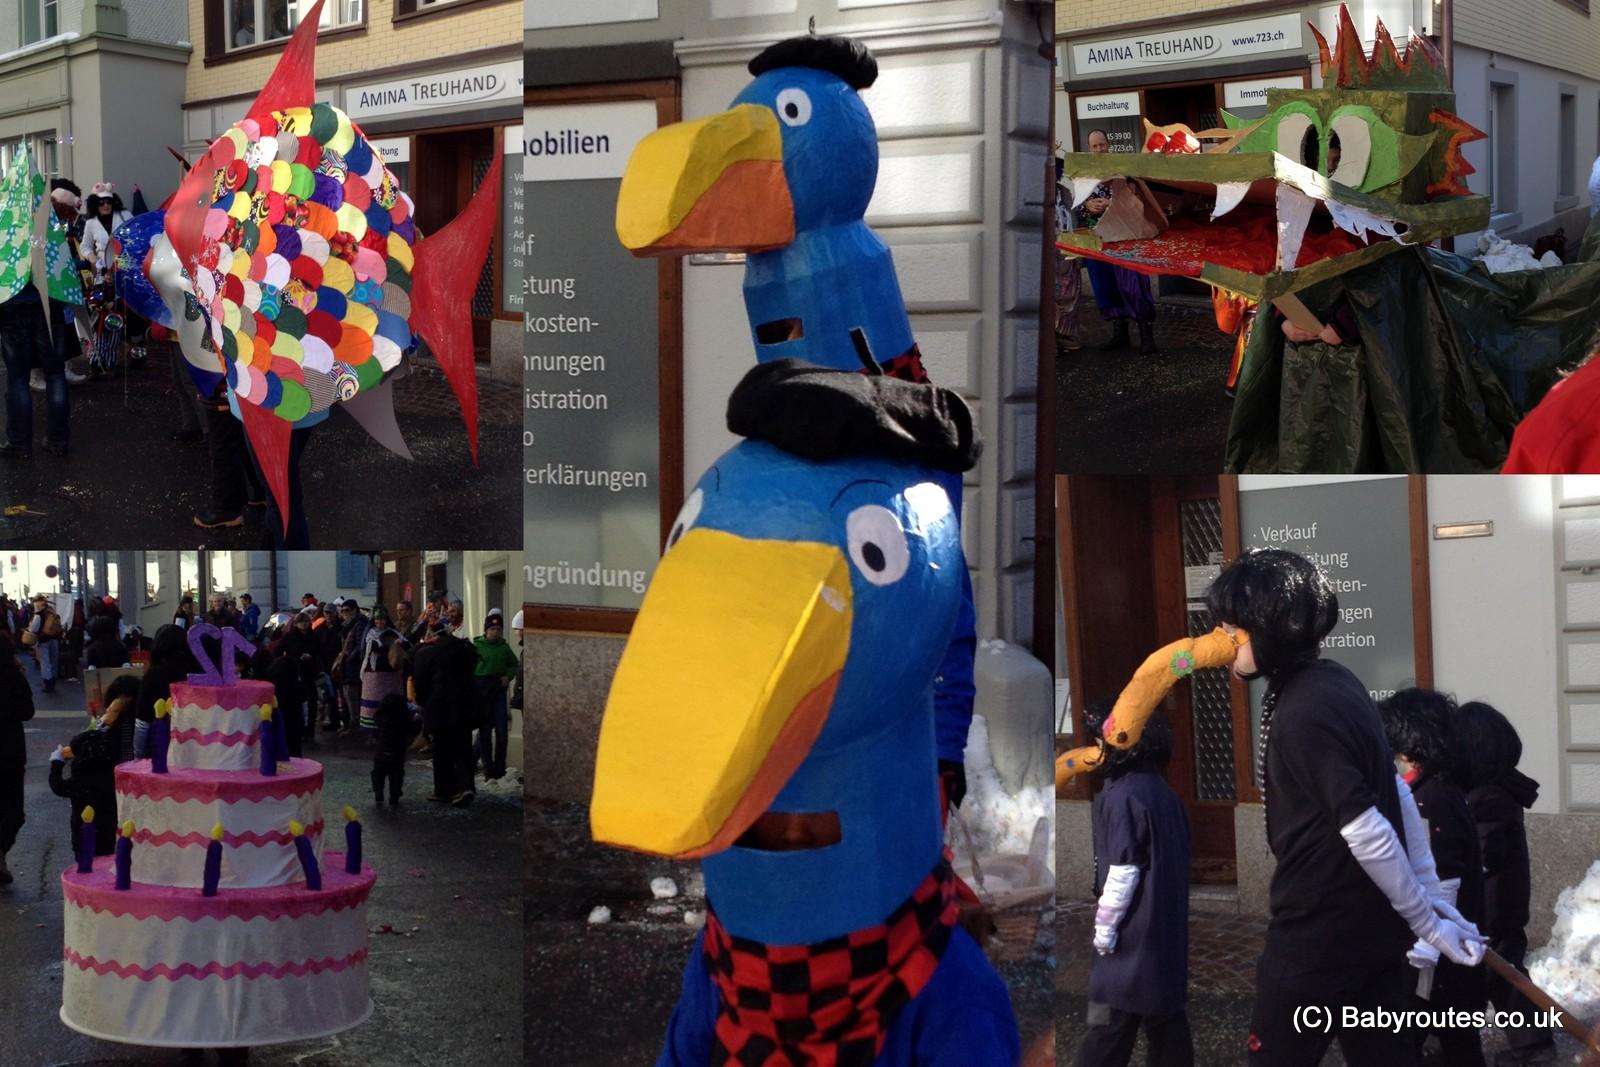 Chldren's Parade, Fasnach Einsiedeln, Dirty Thursday, Switzerland